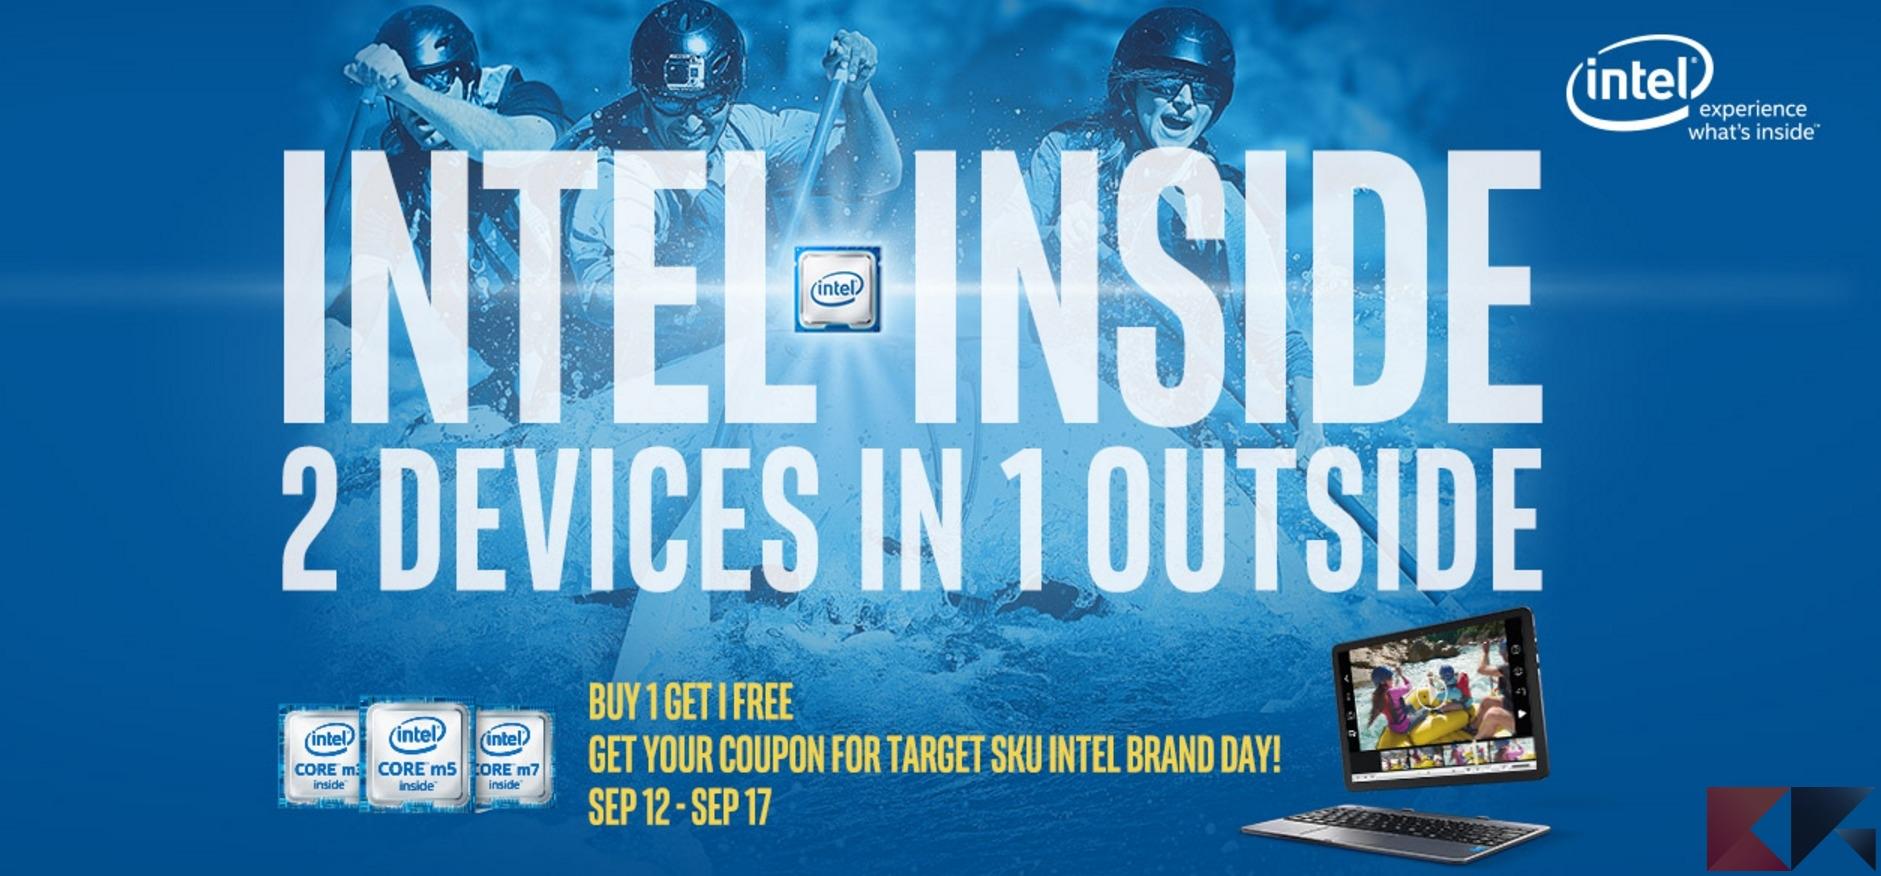 Promo Intel Gearbest 2016